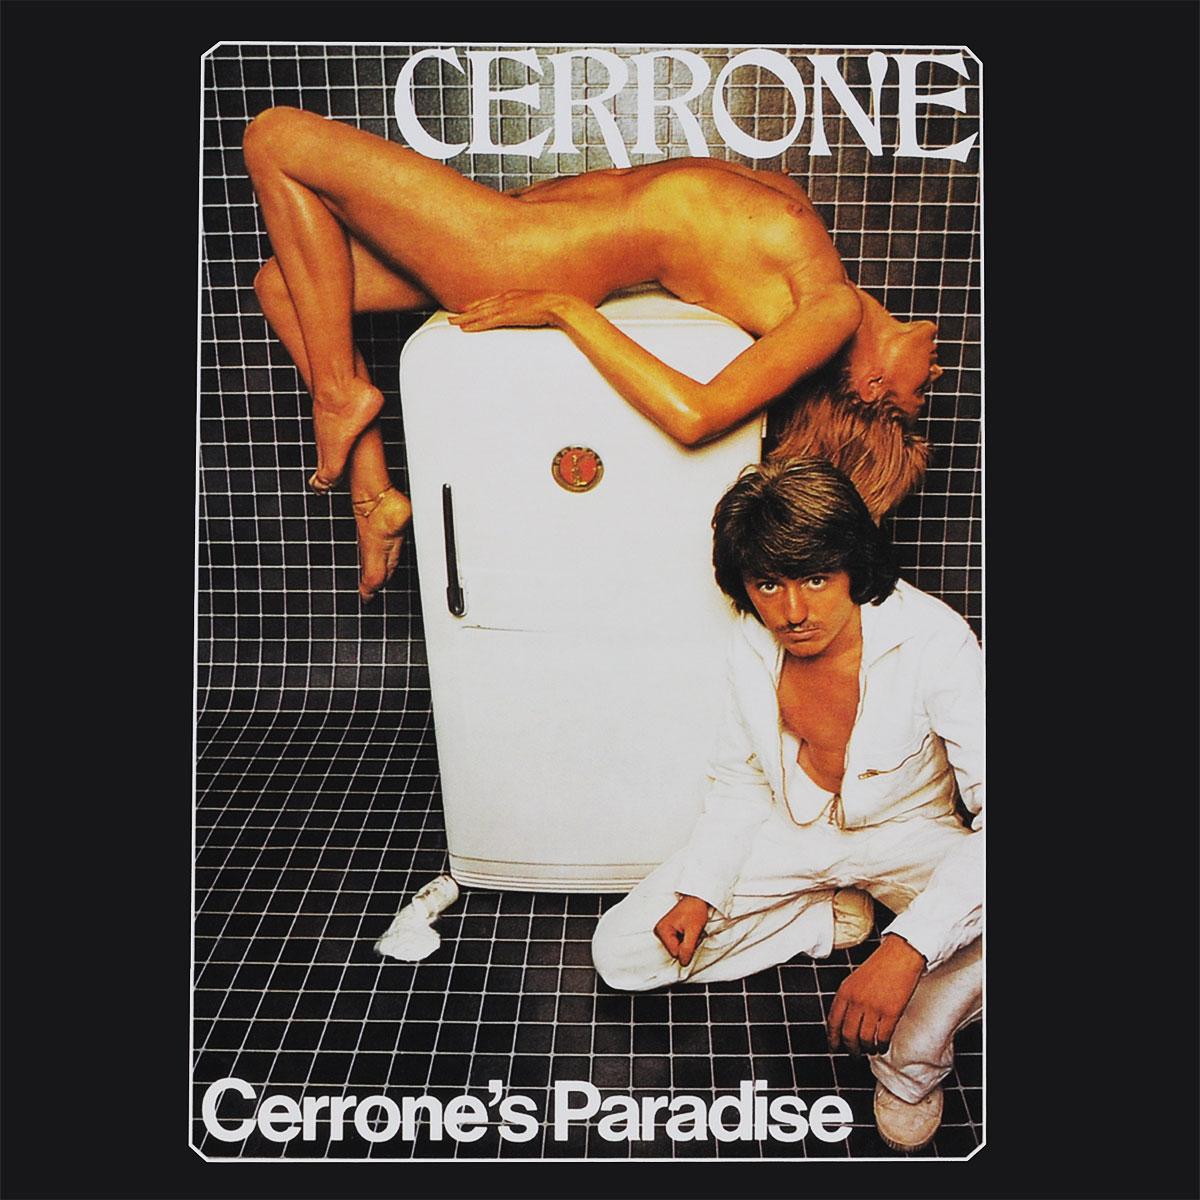 К изданию прилагается CD-диск с аналогичным списком треков, а также постер с фотографиями и дополнительной информацией на английском языке.